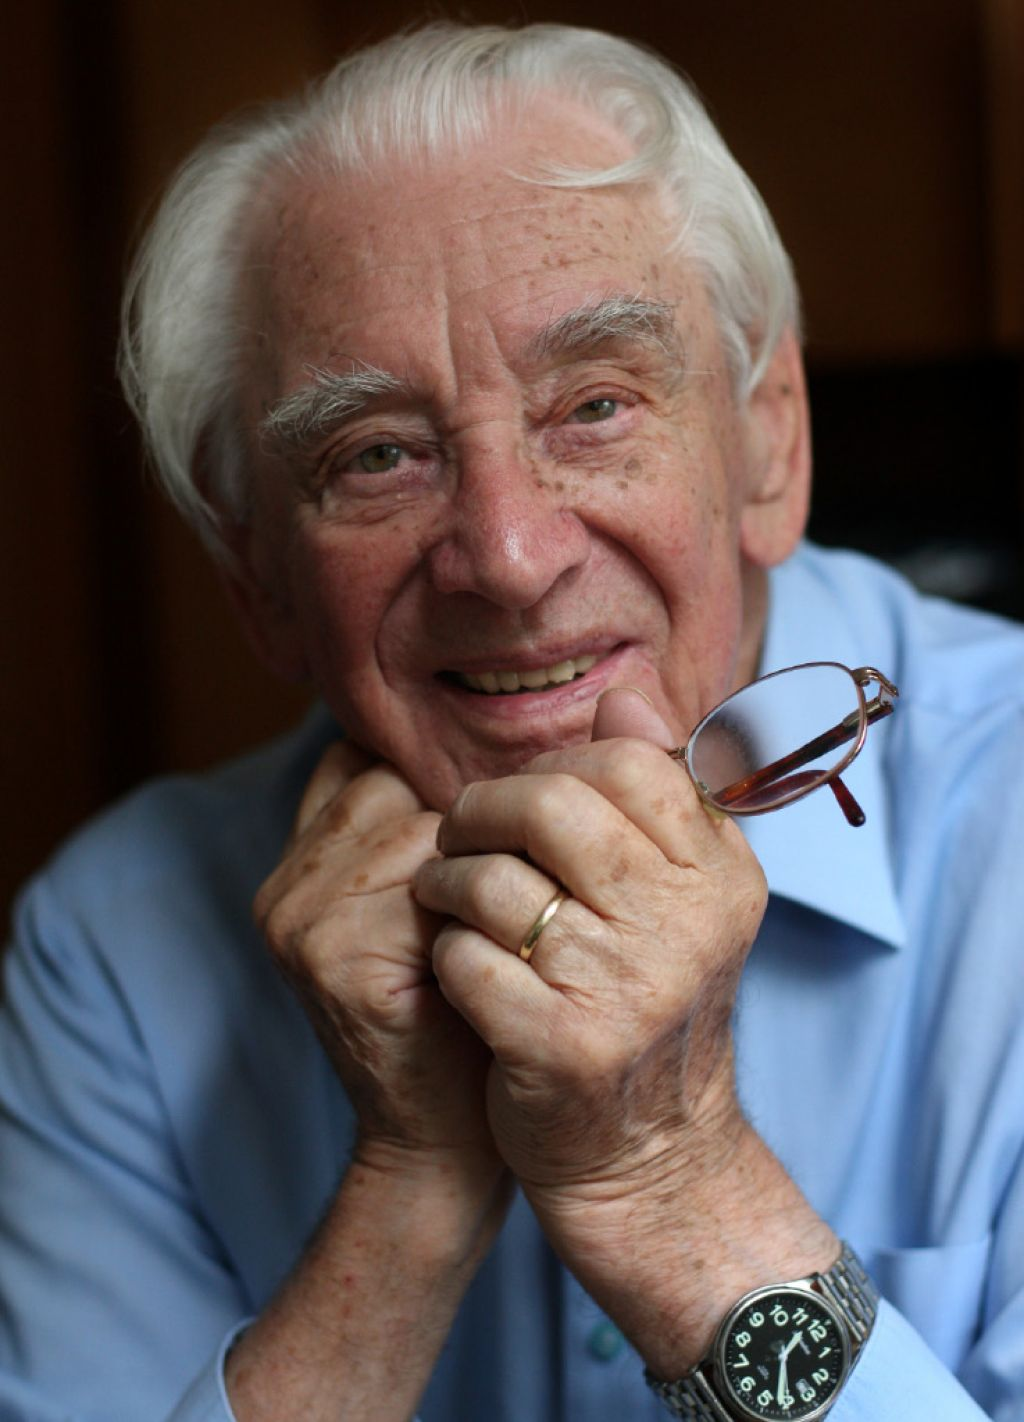 Skrajnosti človekove narave: dr. Peter Starič